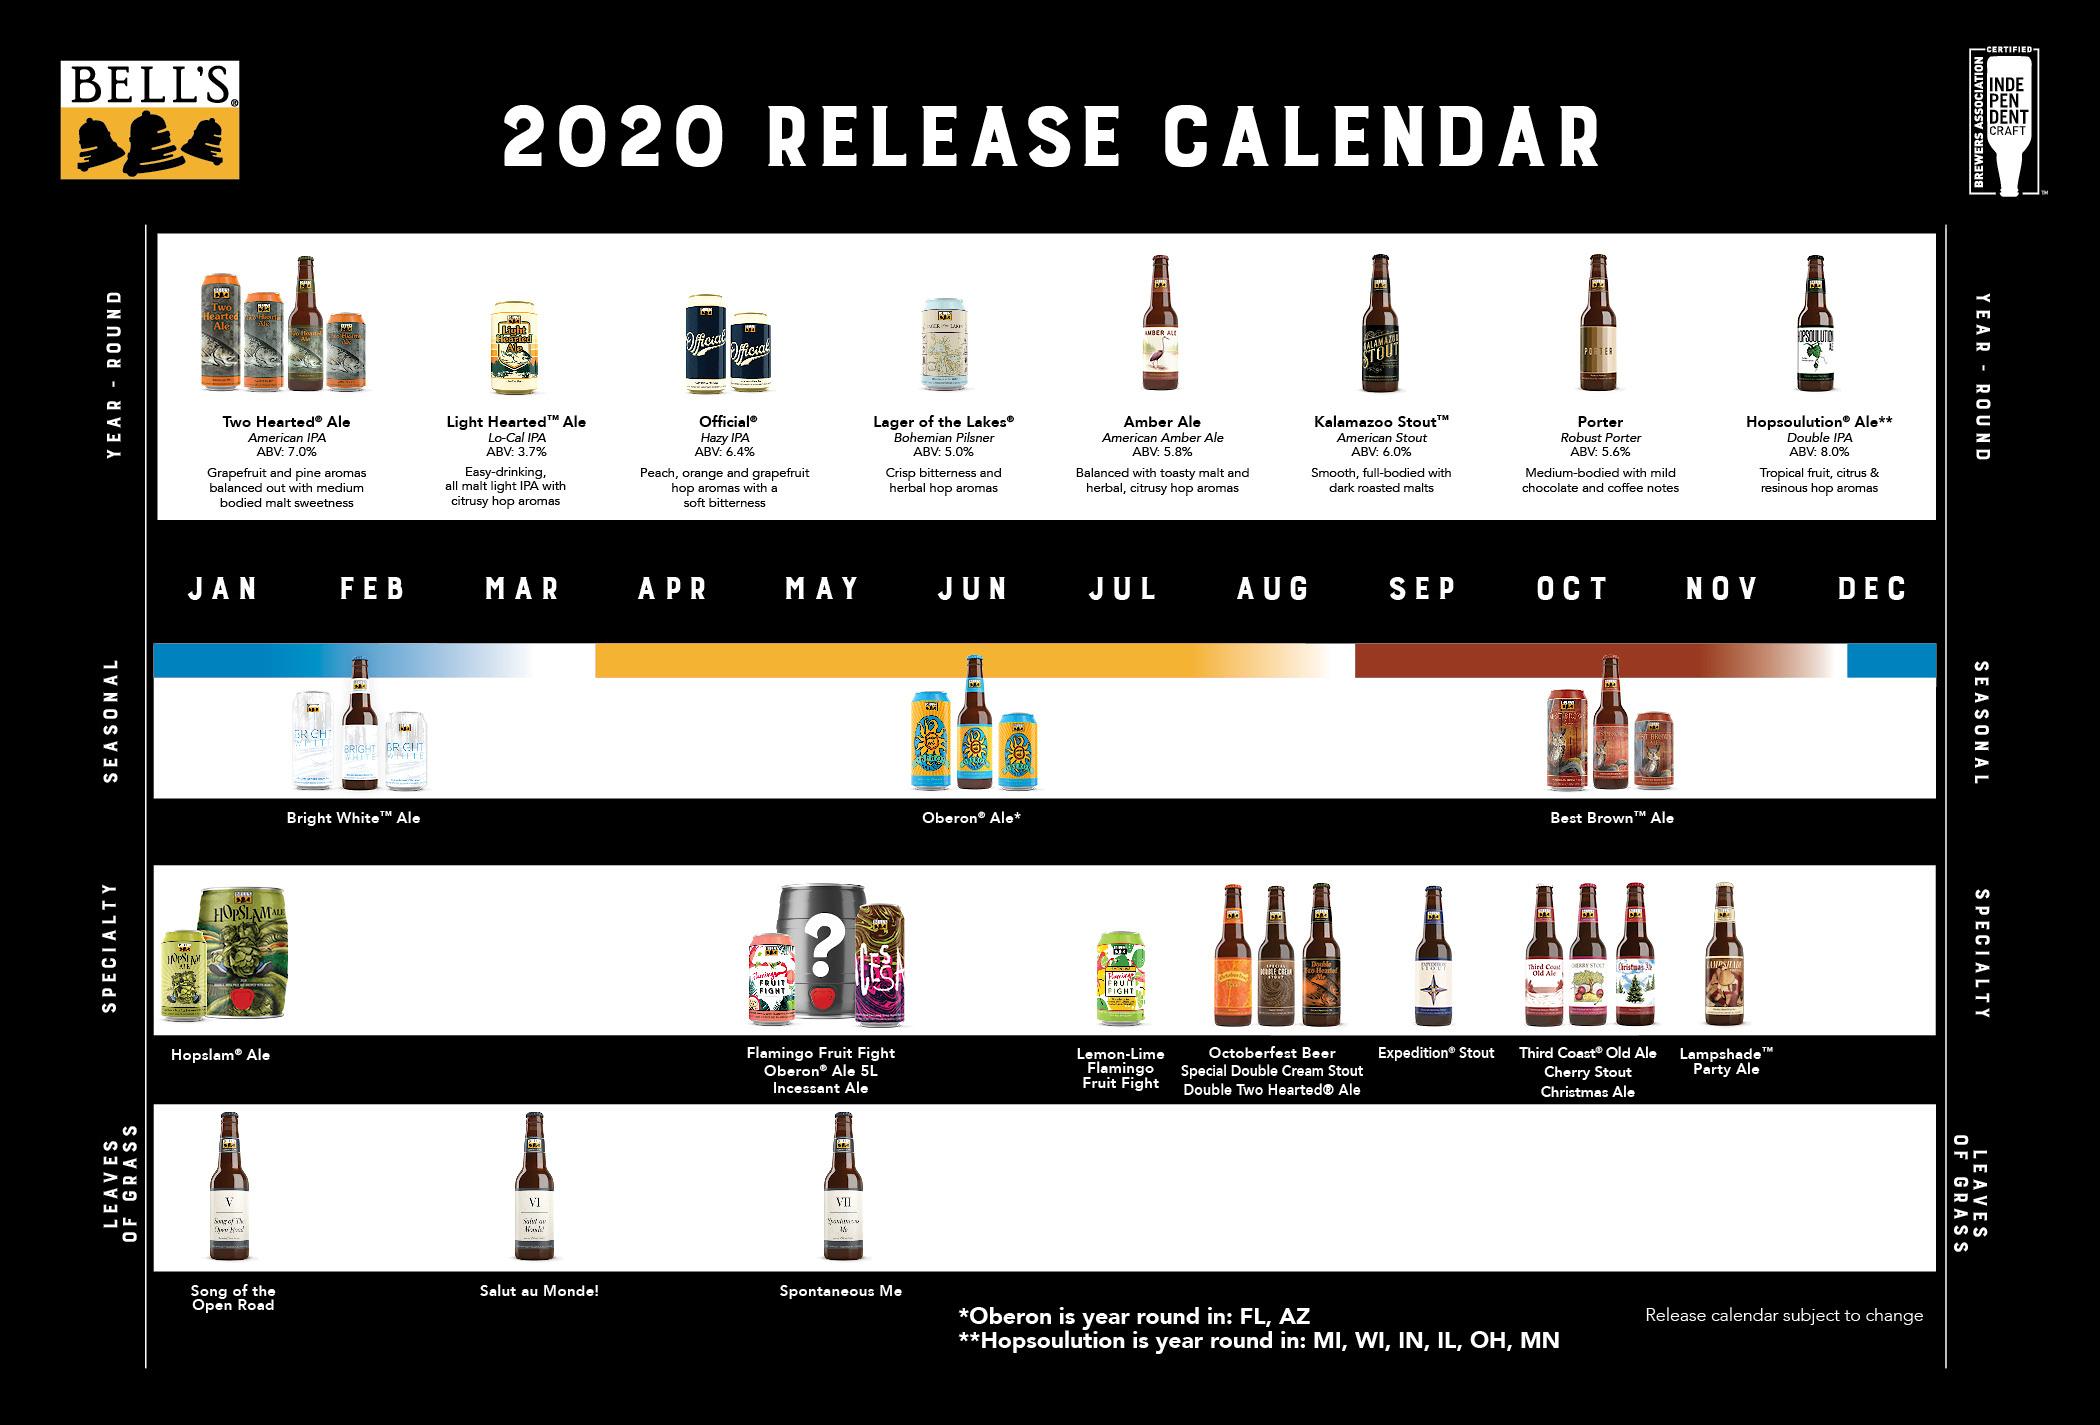 Bell's 2020 release calendar